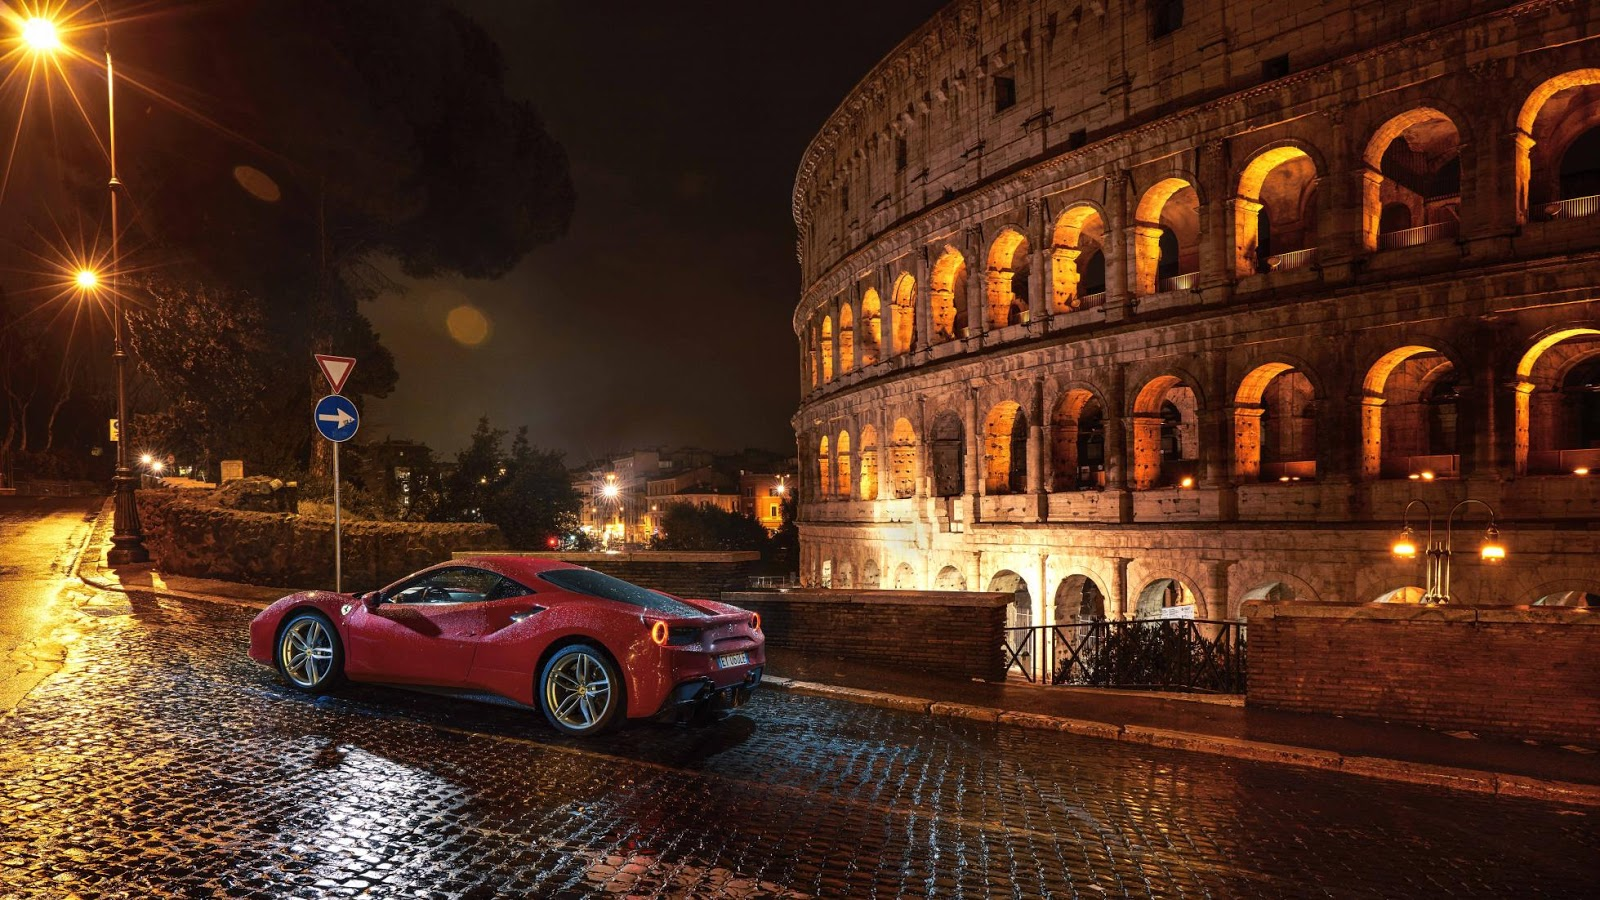 Hành trình 1000km và trải nghiệm cùng Ferrari 488 GTB